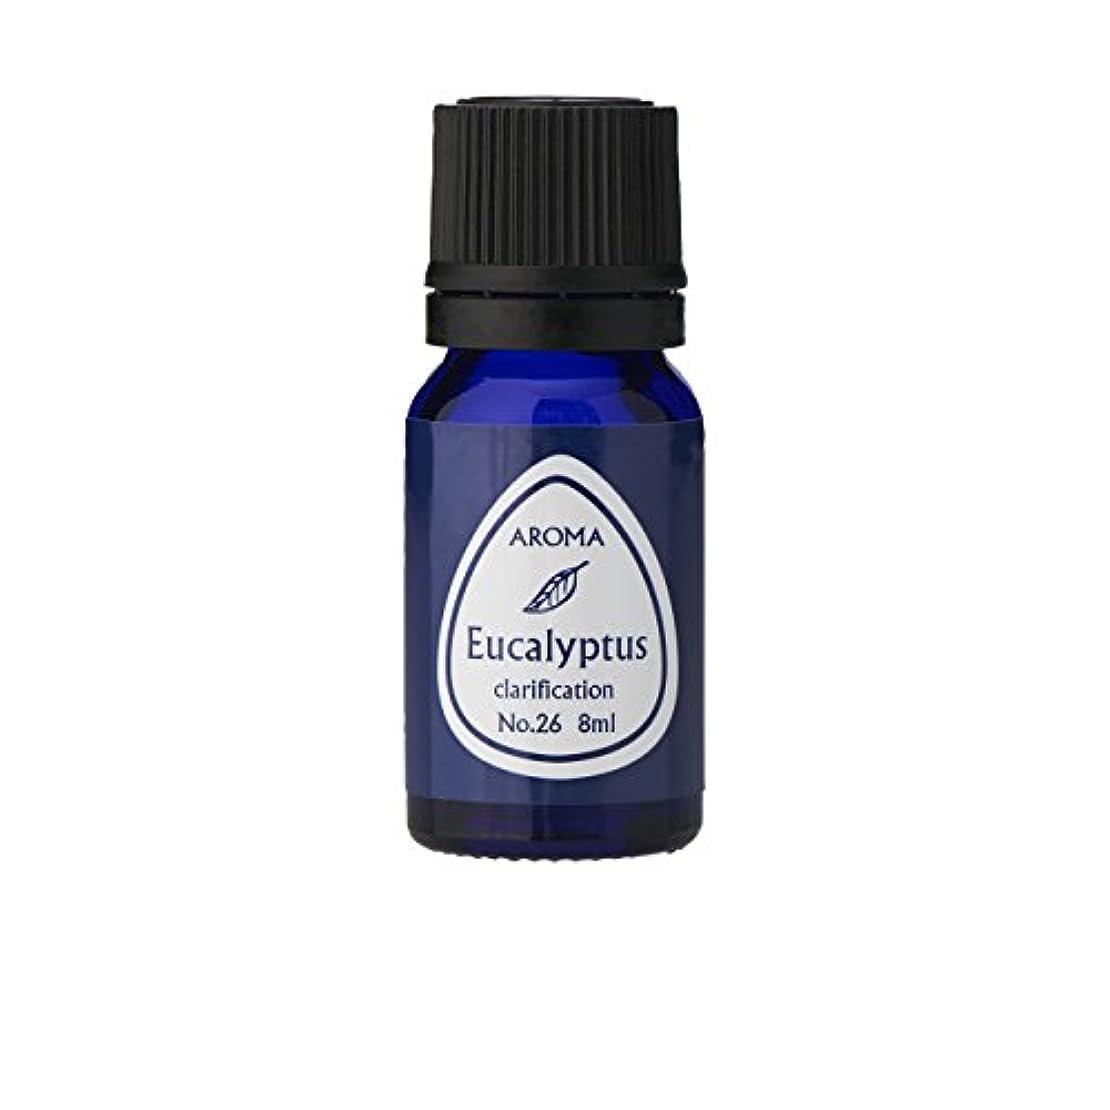 ブルーラベル アロマエッセンス8ml ユーカリ(アロマオイル 調合香料 芳香用)